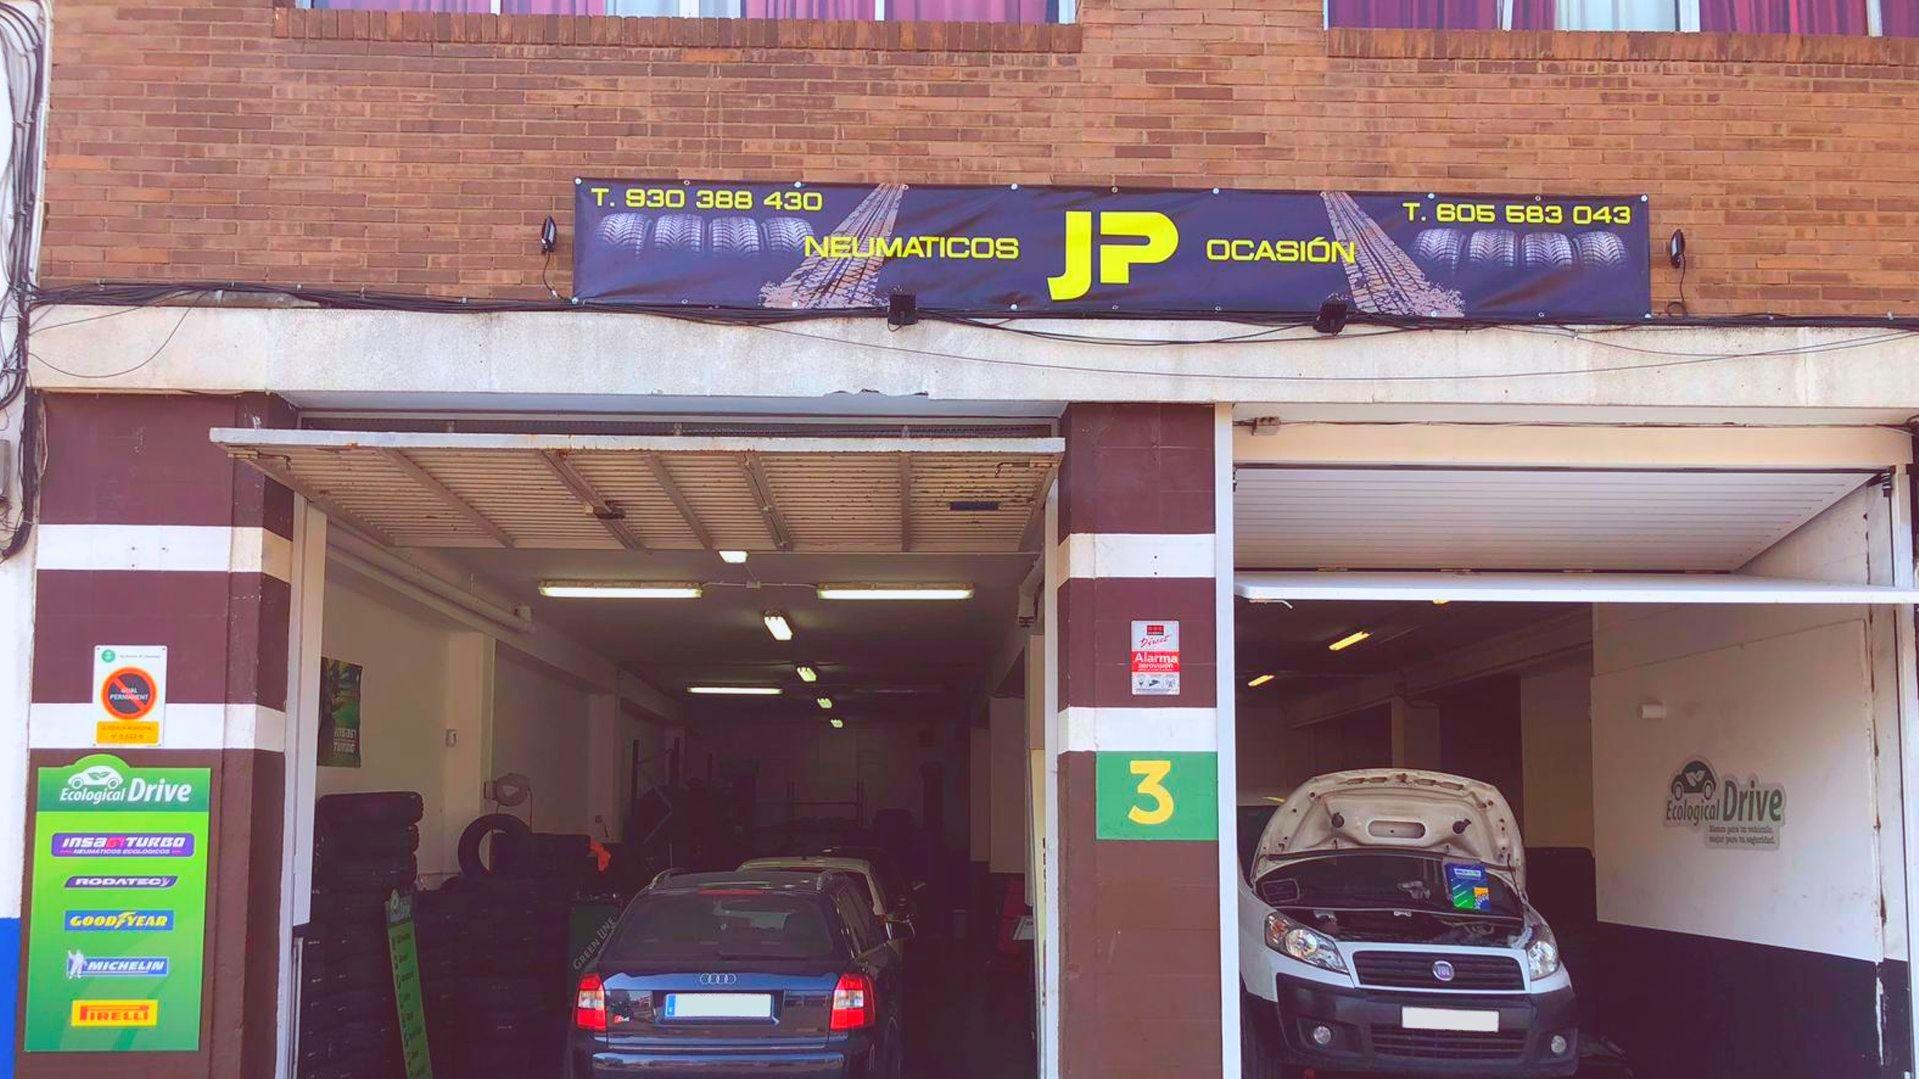 Taller de coches especializado en neumáticos en Hospitalet de Llobregat